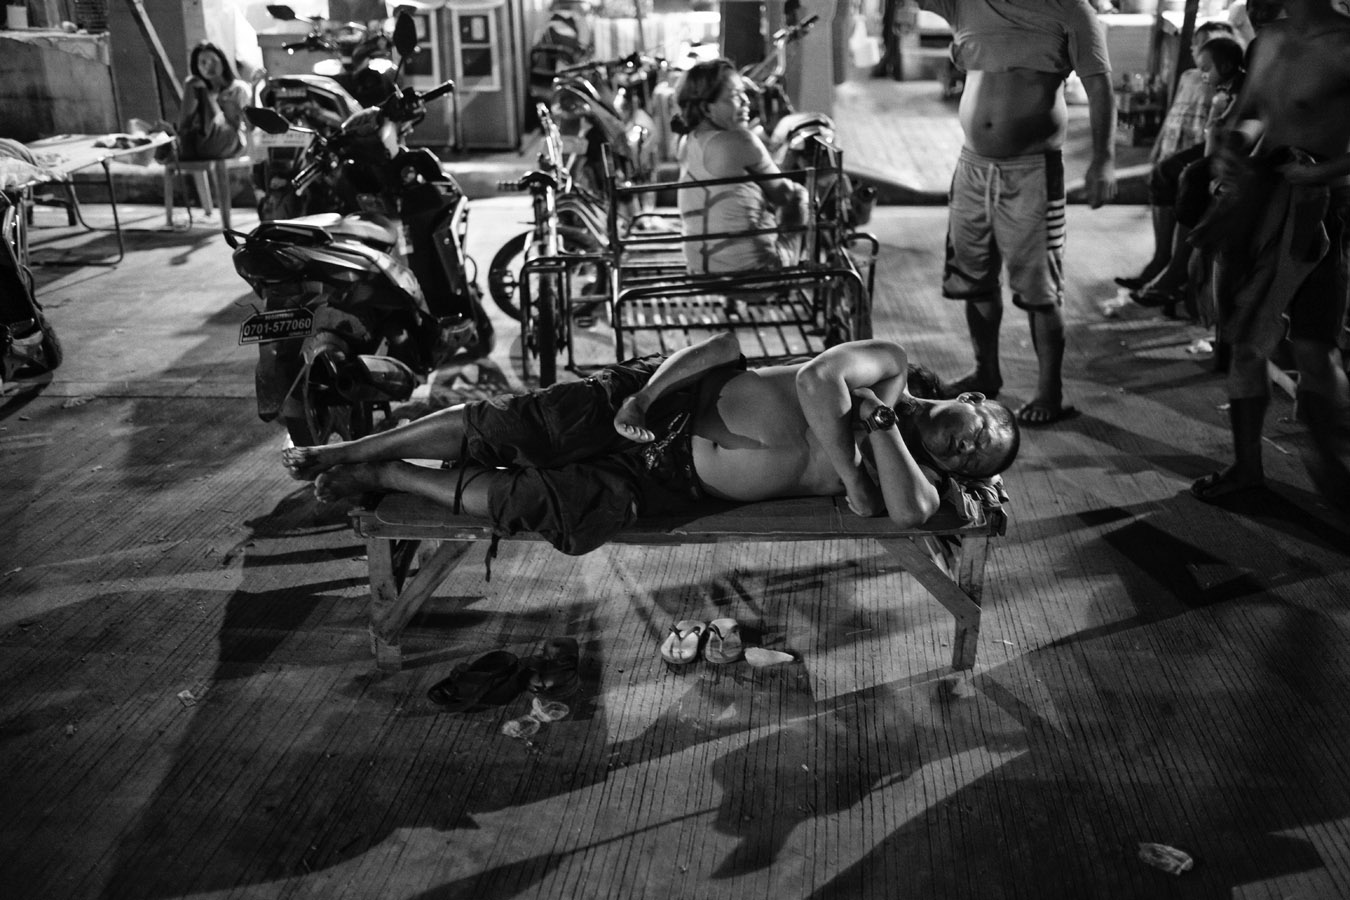 Cebu_by_night_Delettre_Cyril02.jpg